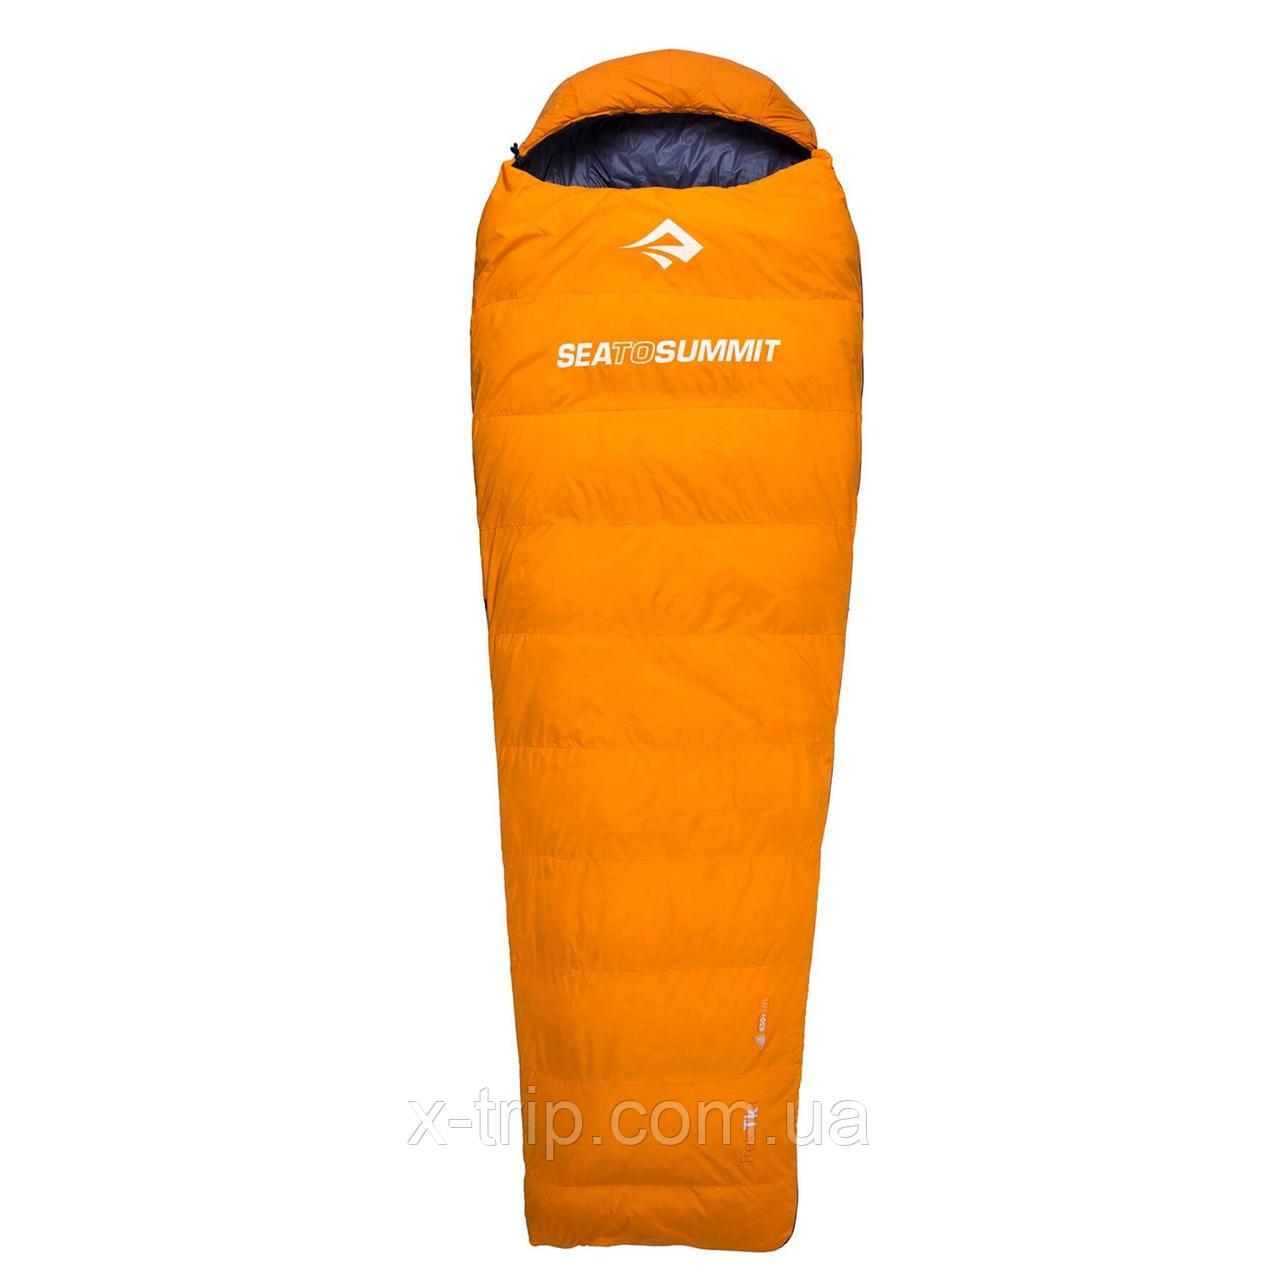 Спальник Sea To Summit Trek TKII Ultra Dry Orange, 183 см Left Zip (STS ATK2-R500L-UD)